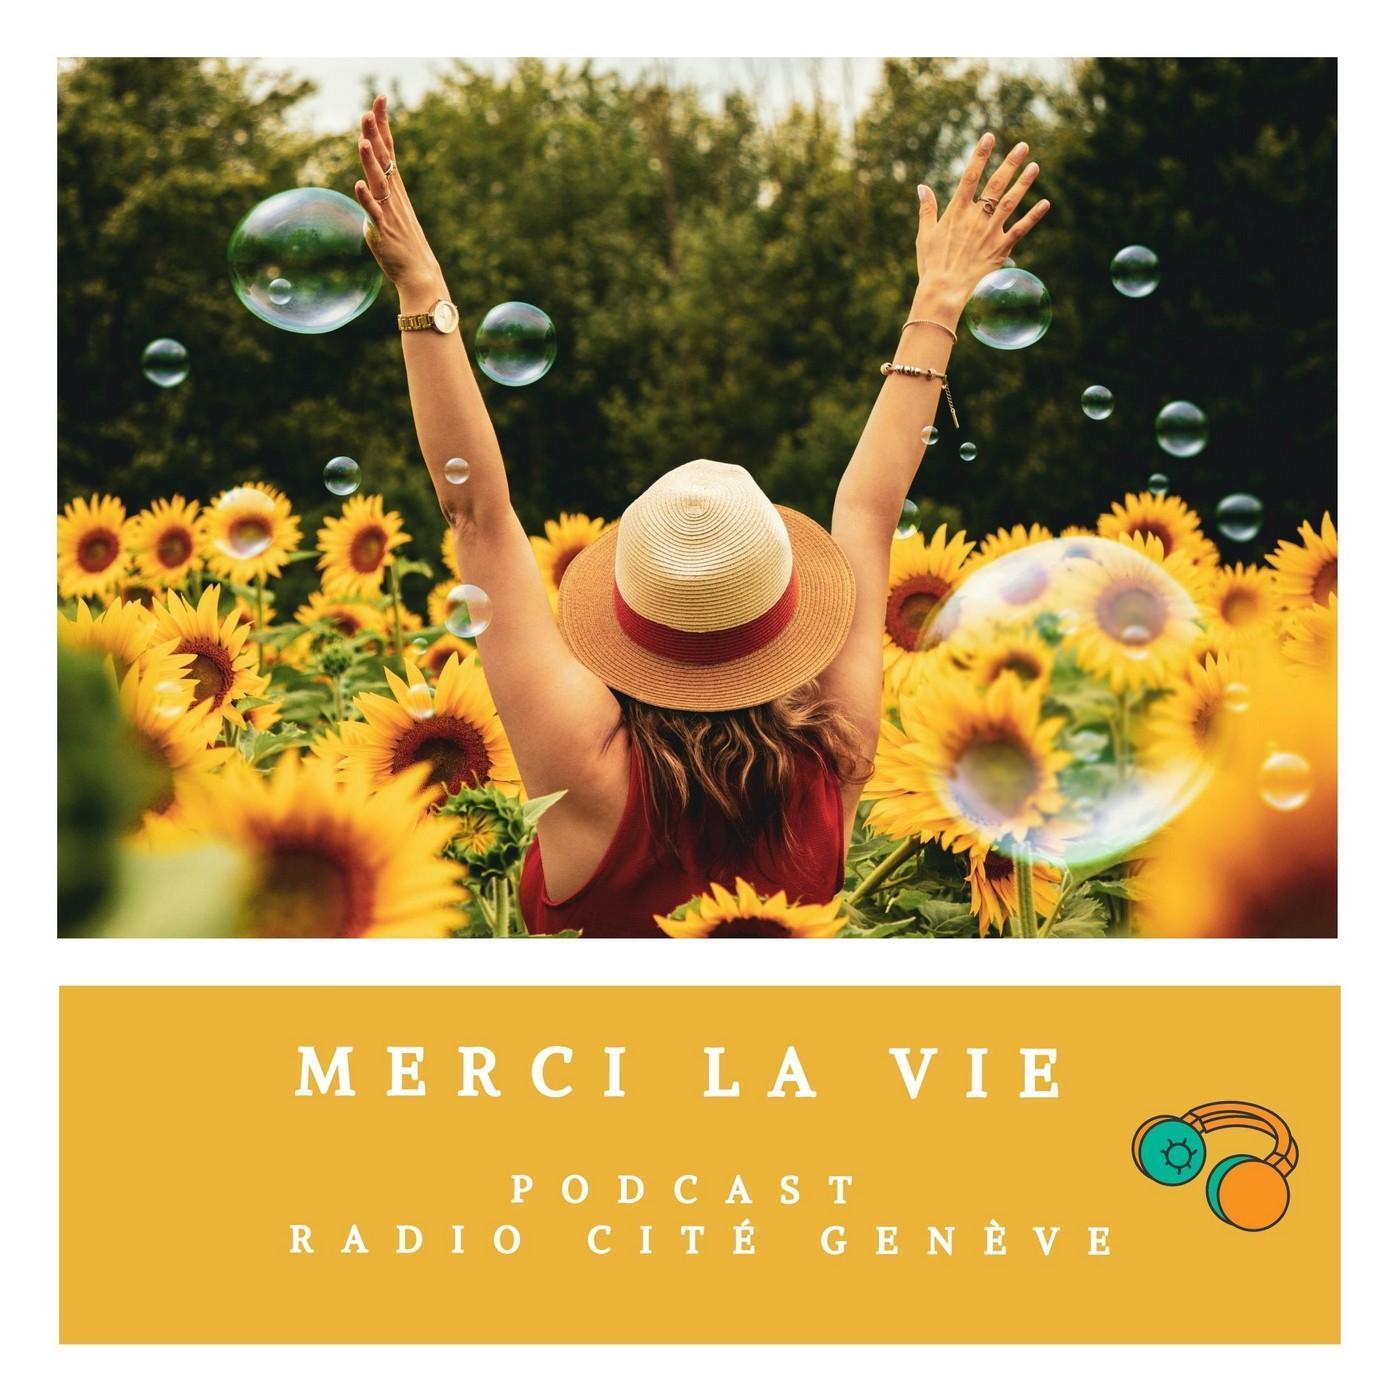 Merci la Vie du 29/06/21 - Céline Van Till